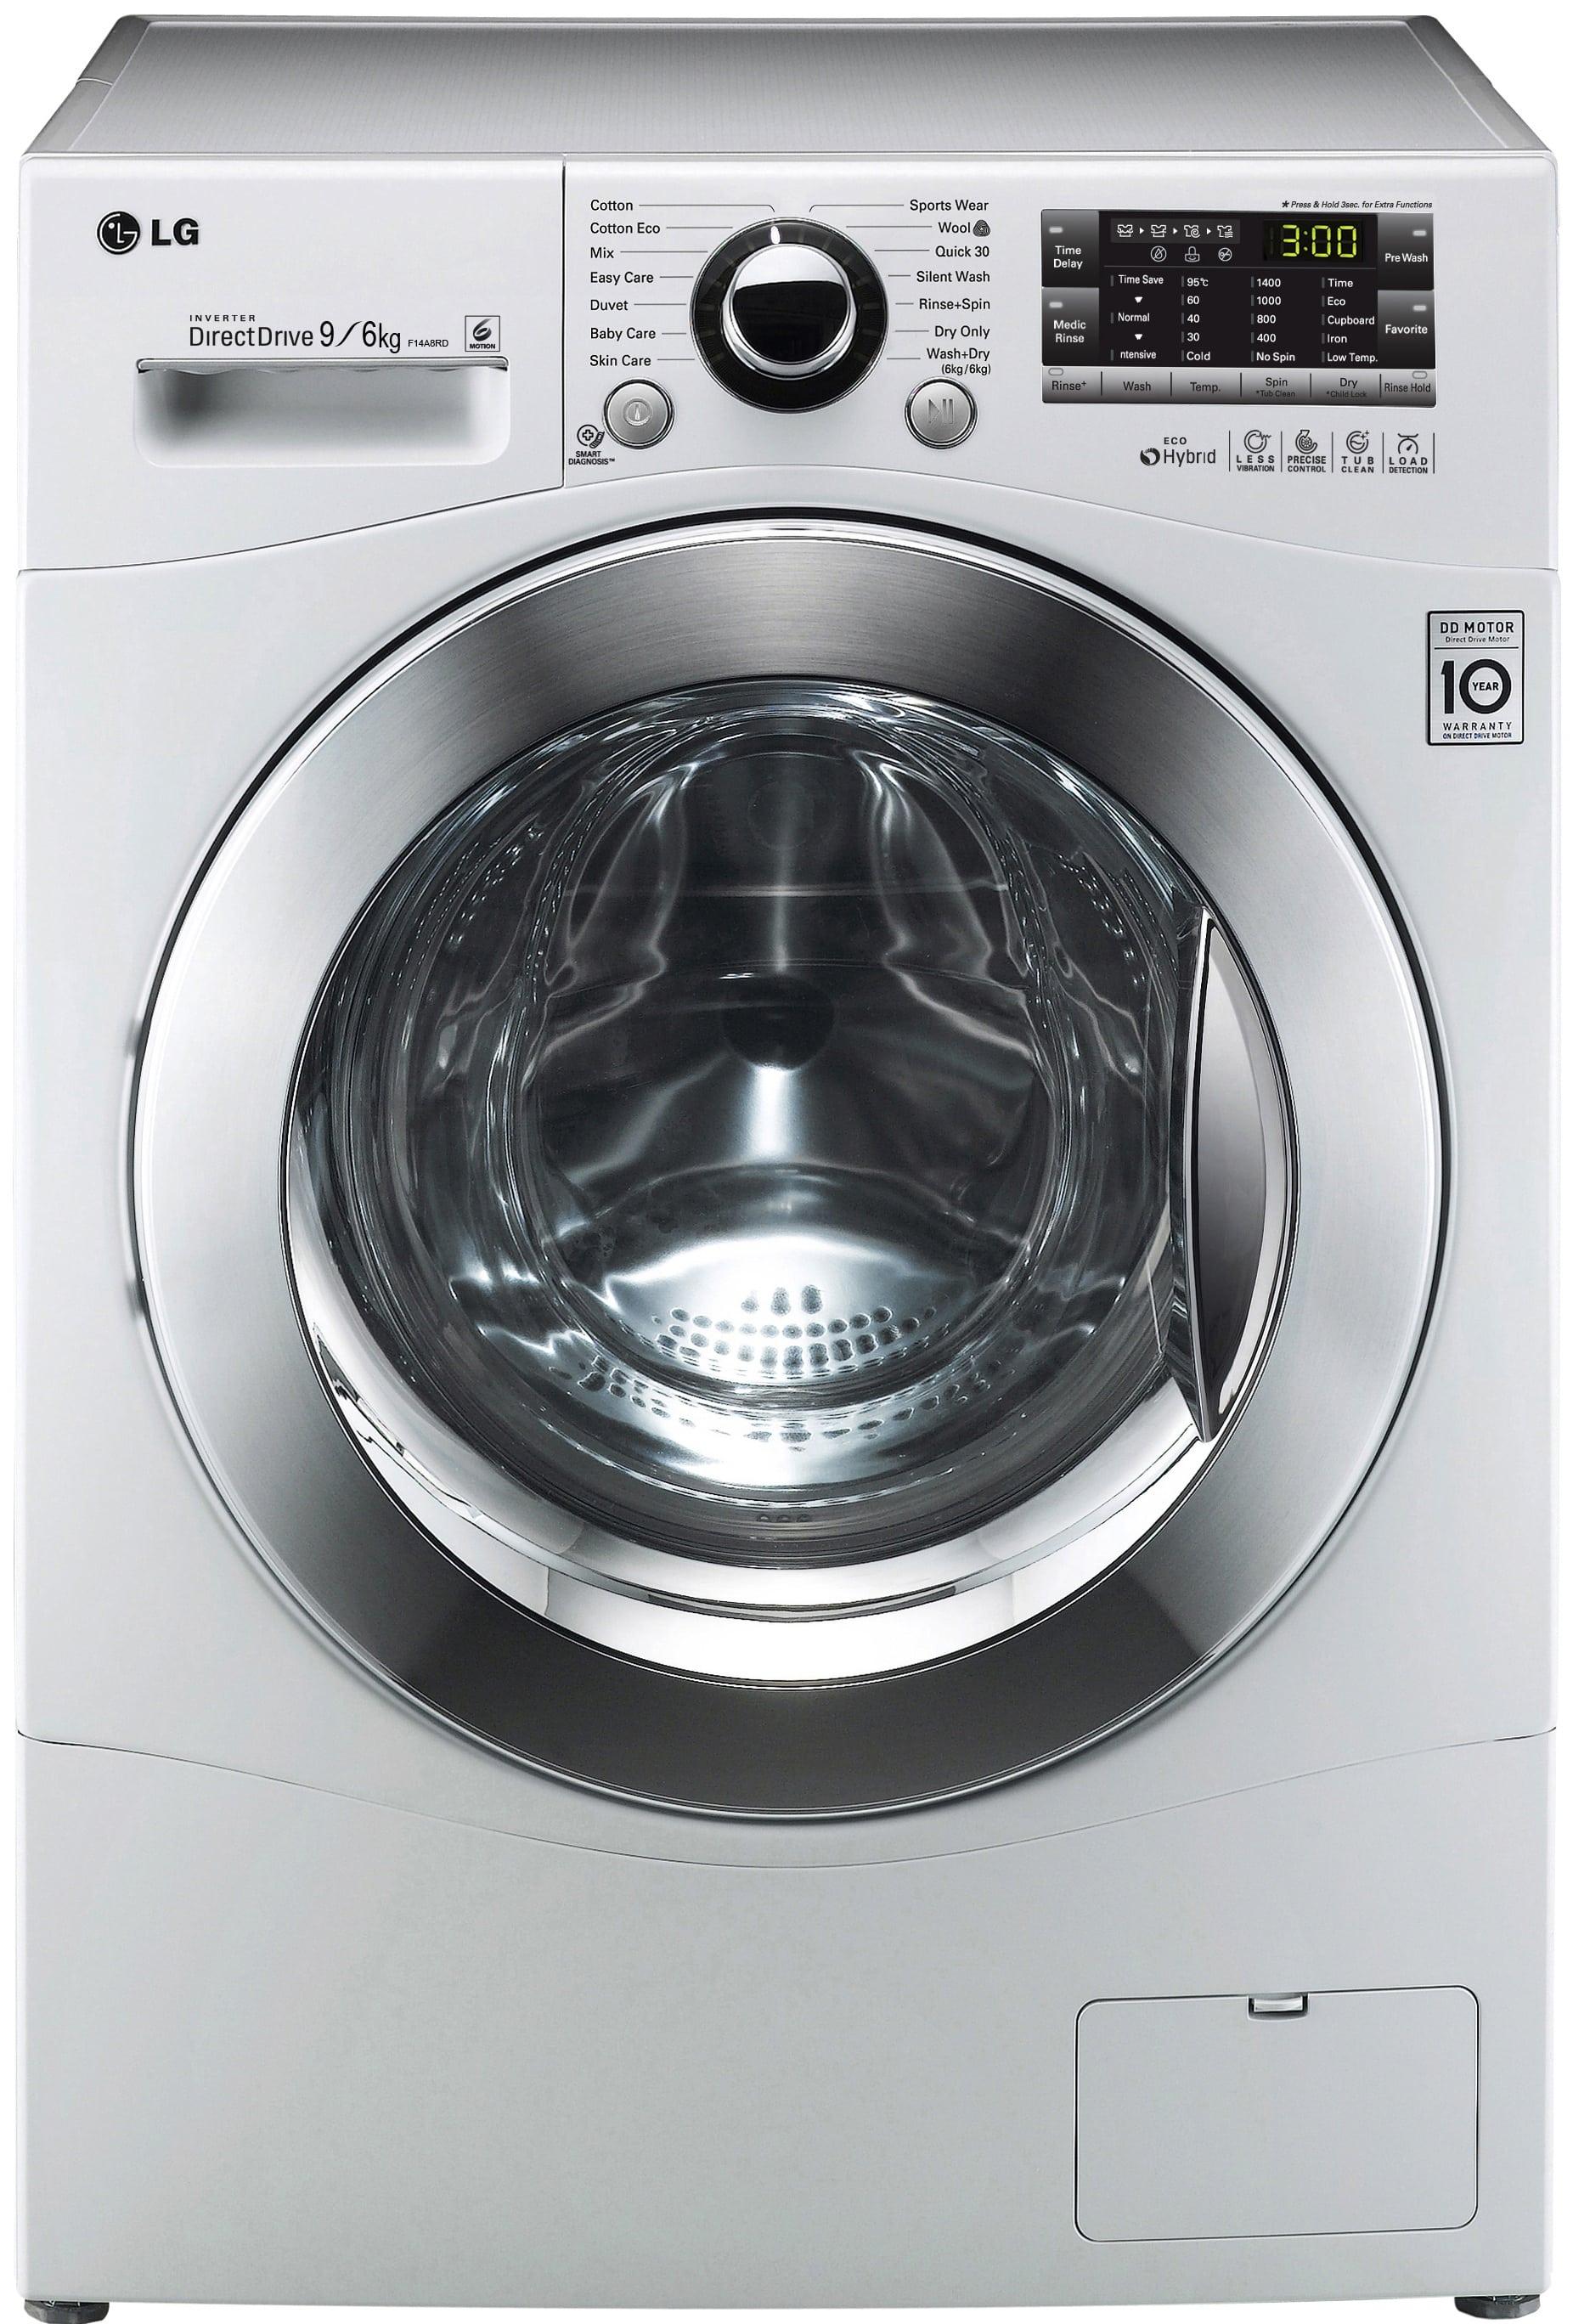 LG F14A8RD Waschtrockner Frontlader Waschen 9kg/Trocknen 6kg A AquaStop für 677,00 Euro